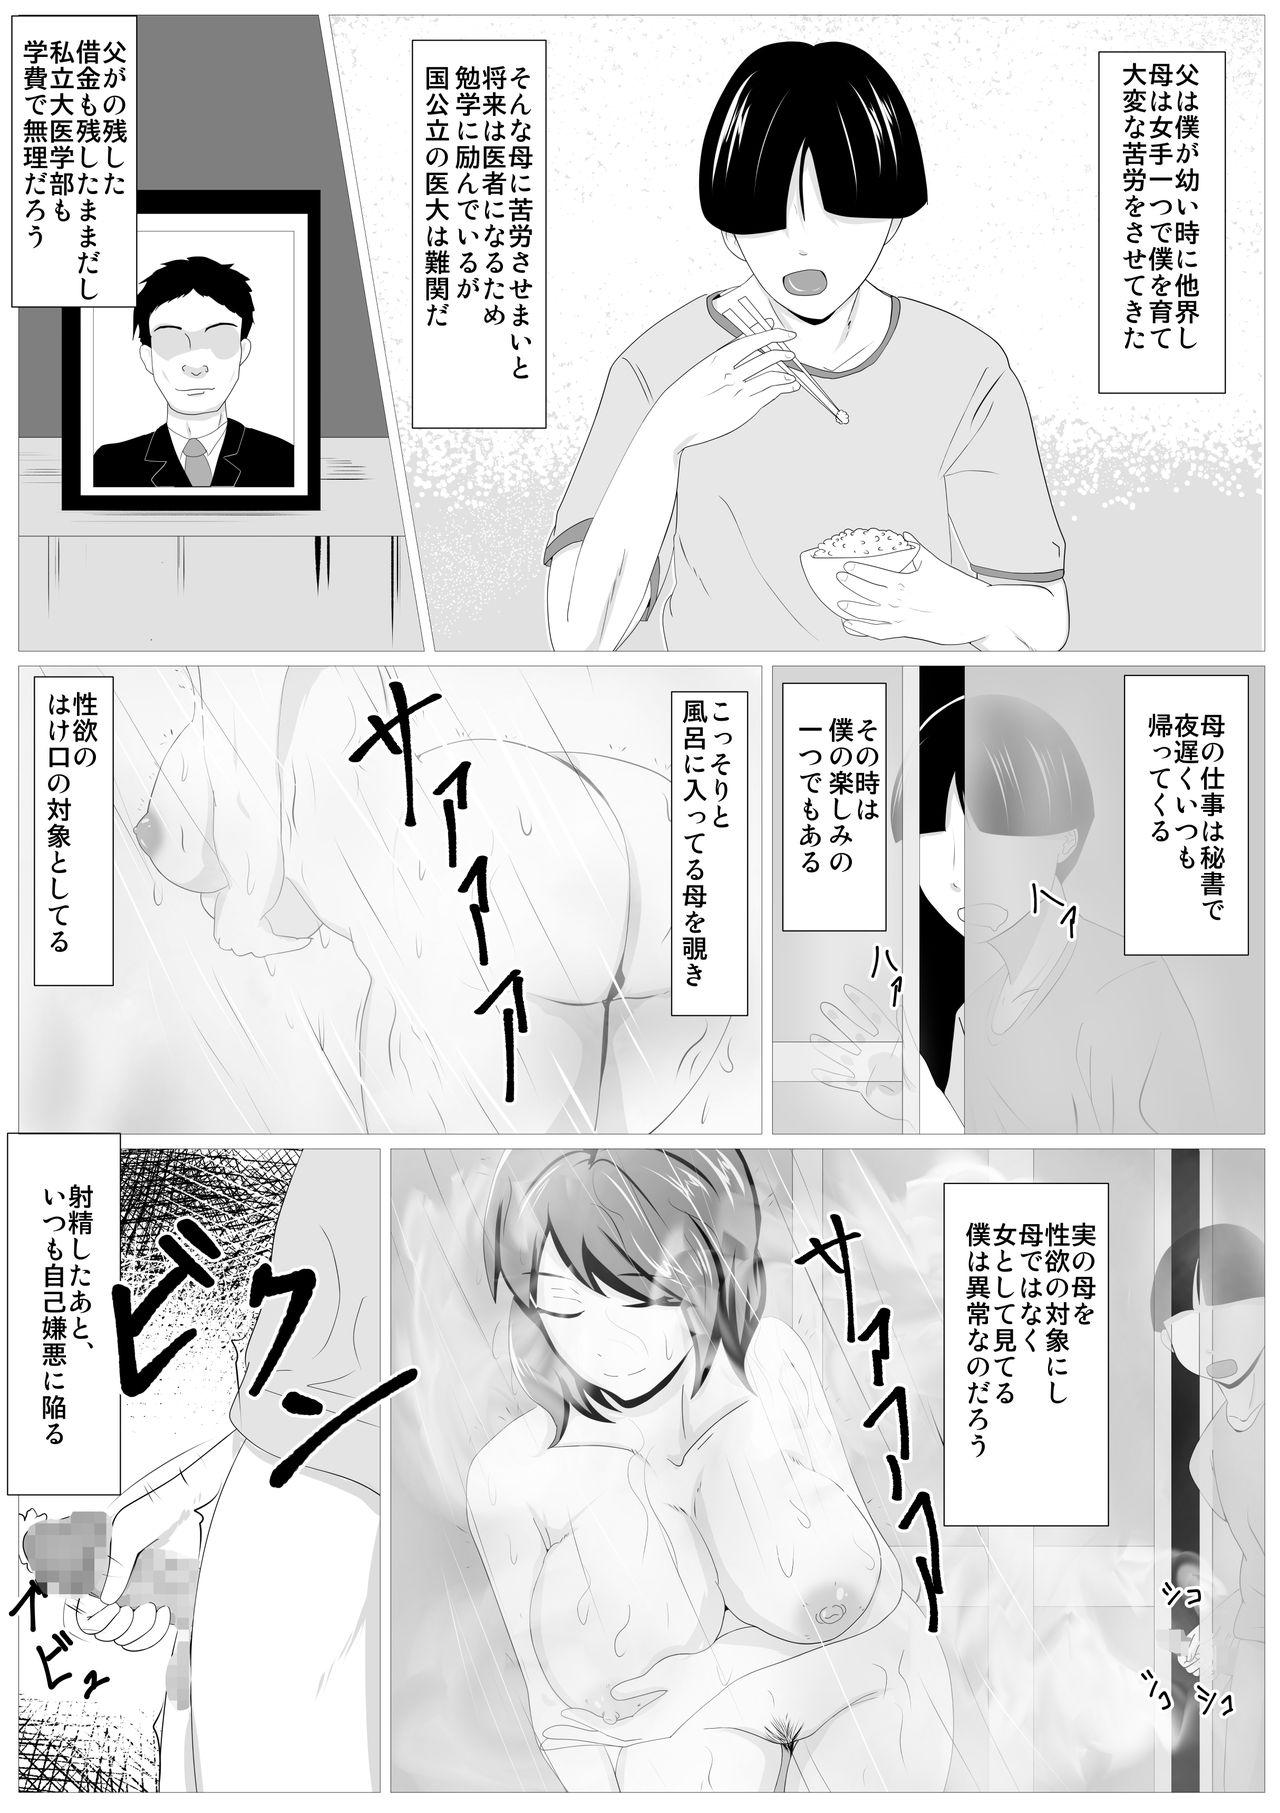 Musuko no Tamenaraba 4